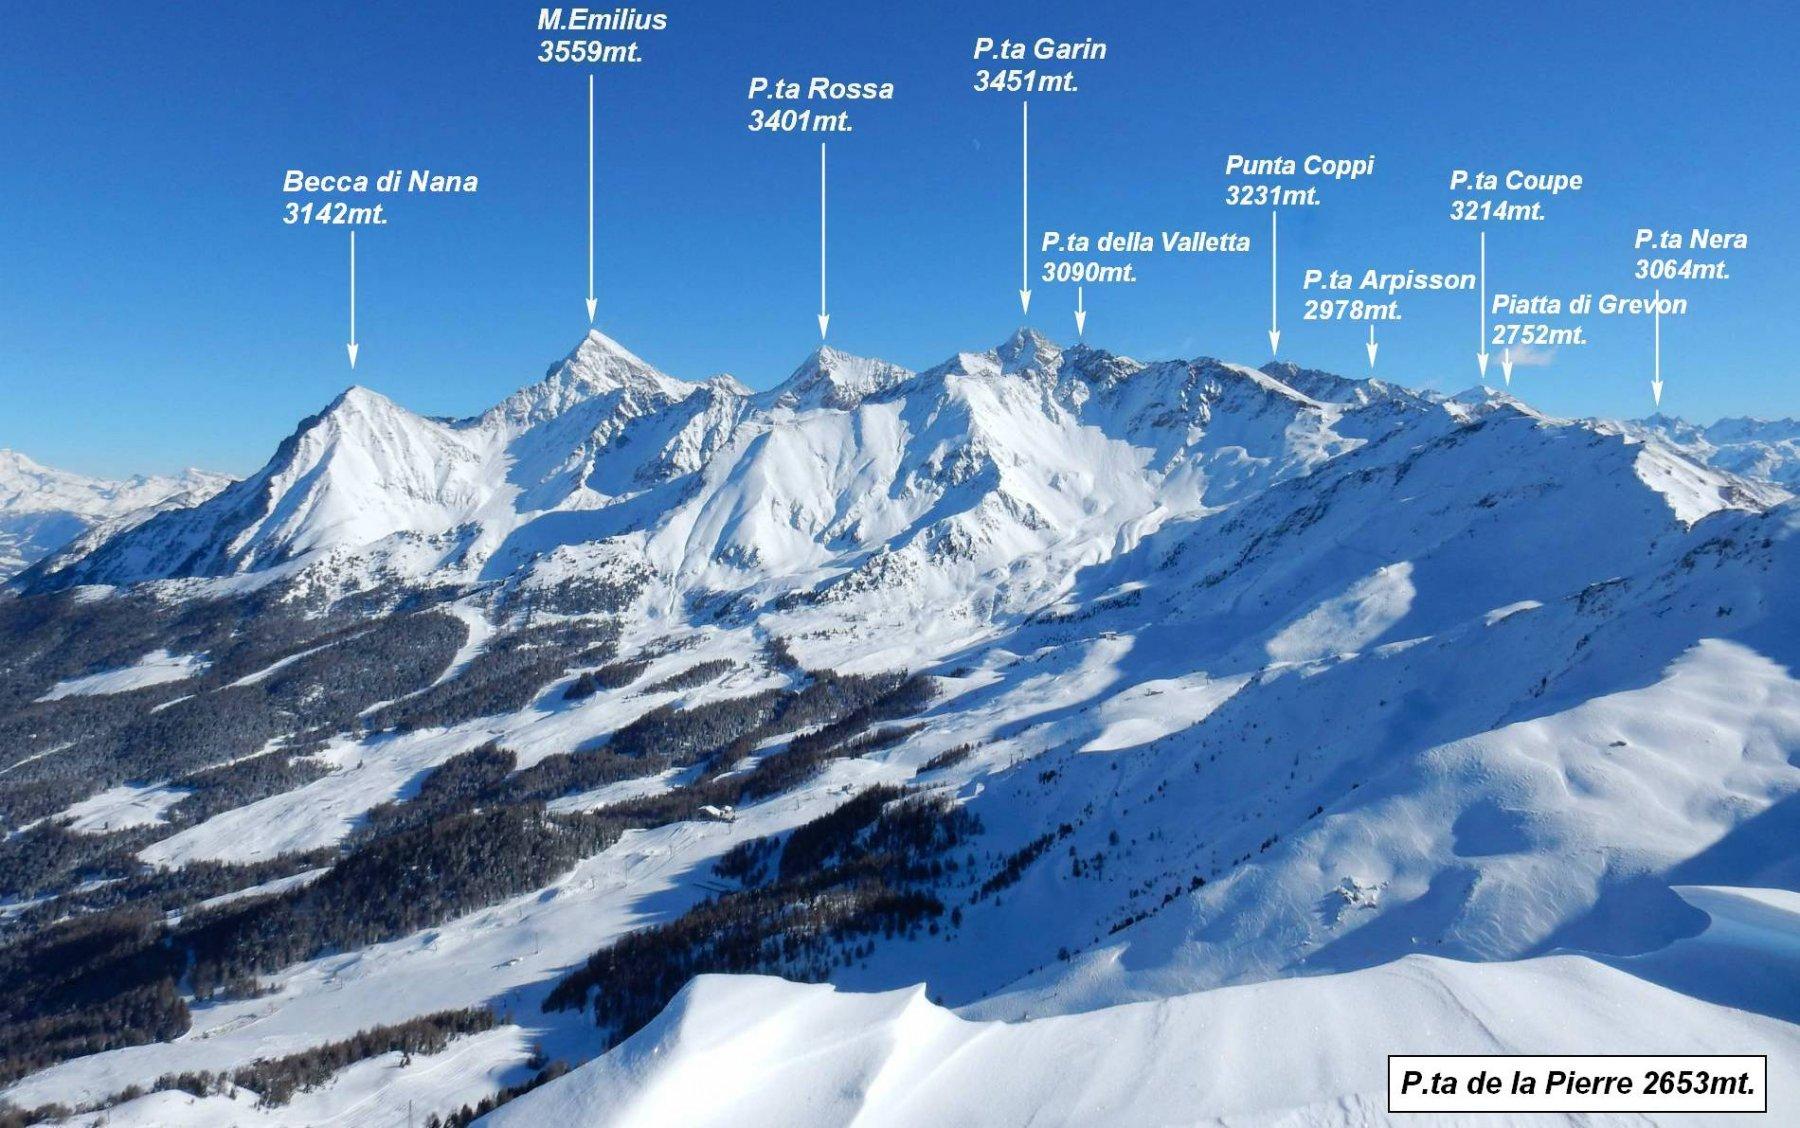 Panorama da P.ta de la Pierre sul comprensorio sciistico di Pila.